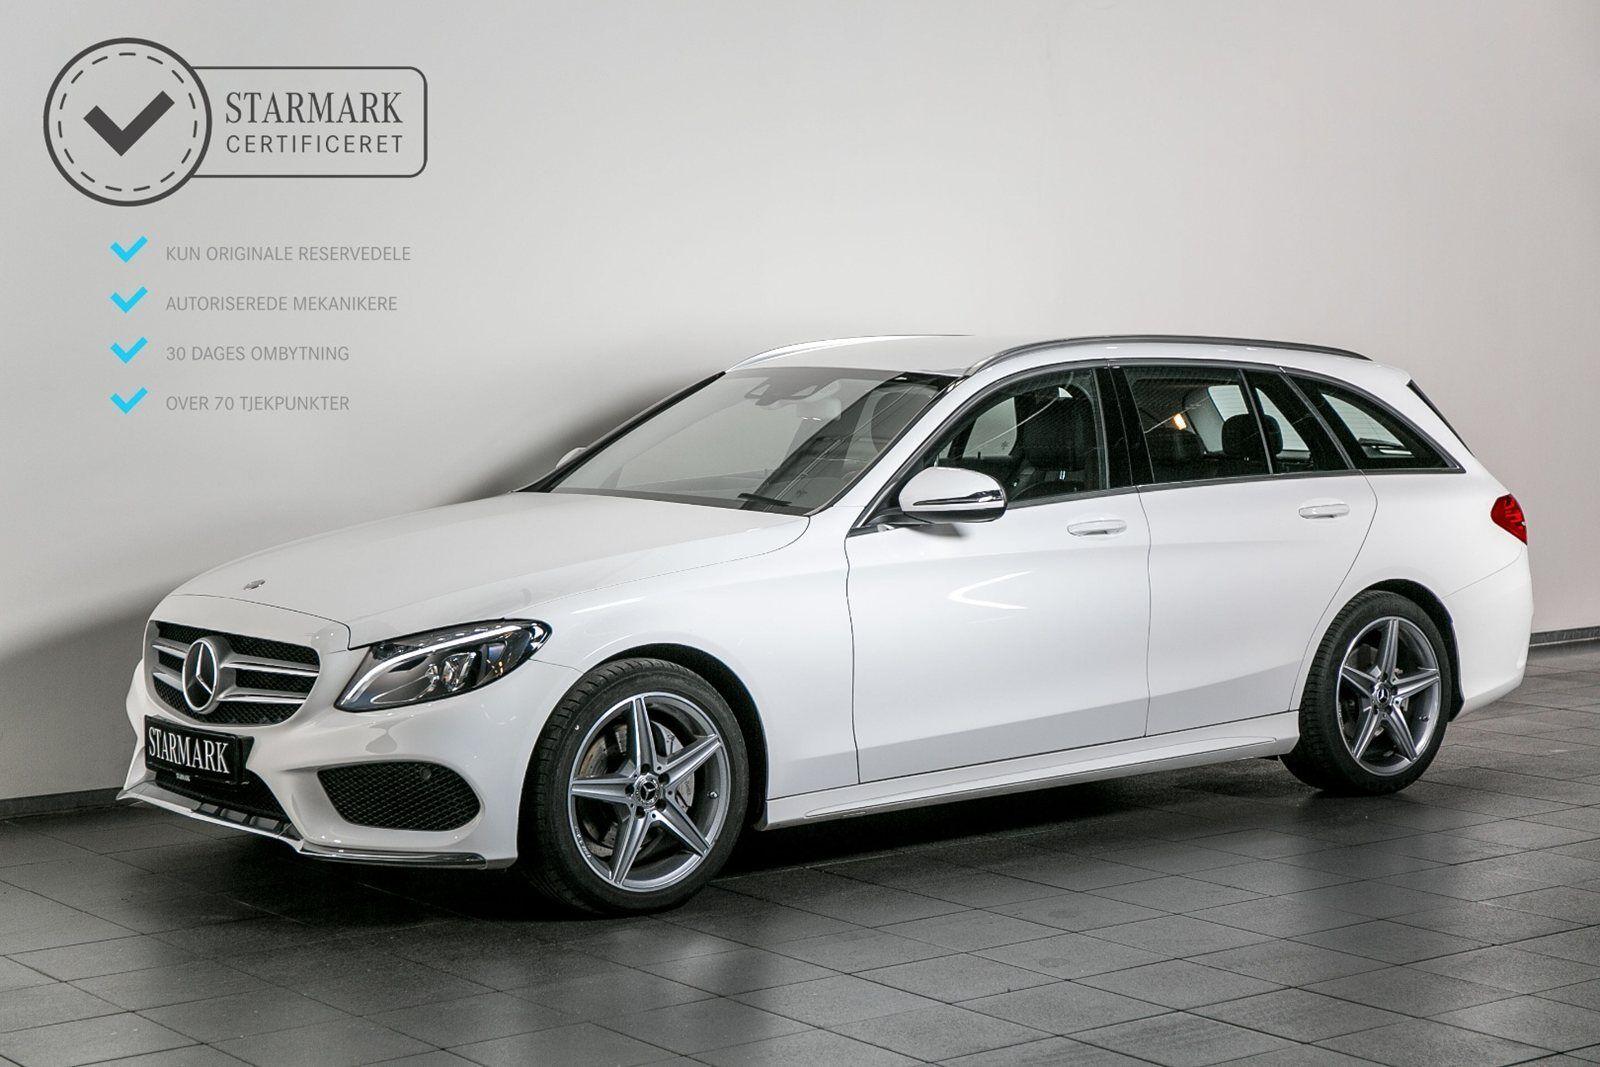 Mercedes C200 2,0 AMG Line stc. aut. 5d - 444.900 kr.